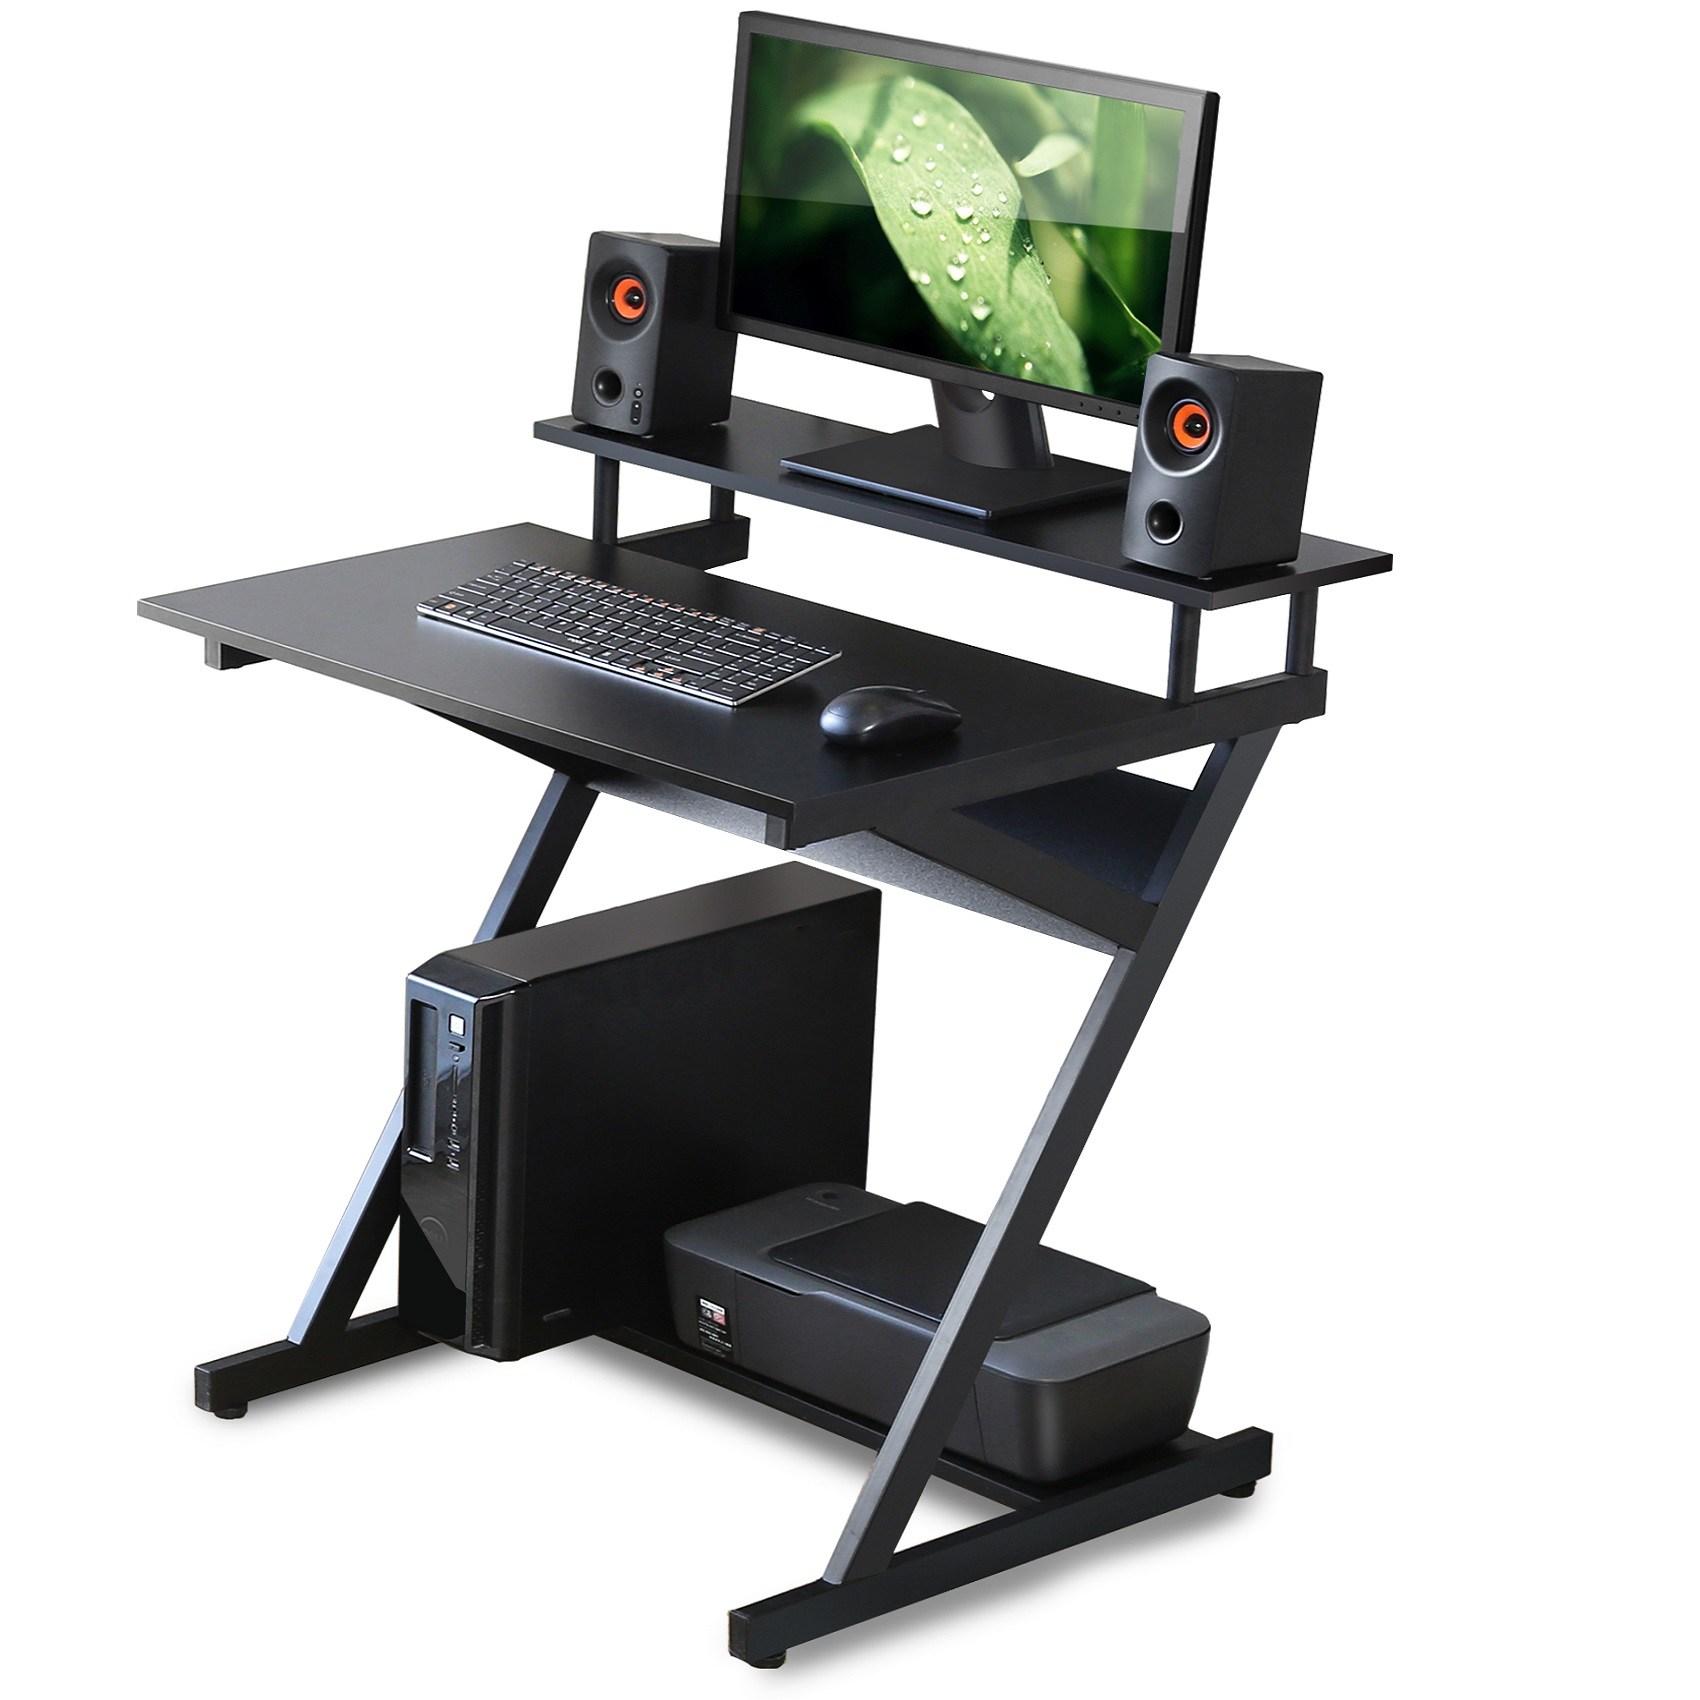 [국내 배송] FITUEYES 1인용책상 컴퓨터책상 학생용책상 테이블 데스크, 블랙